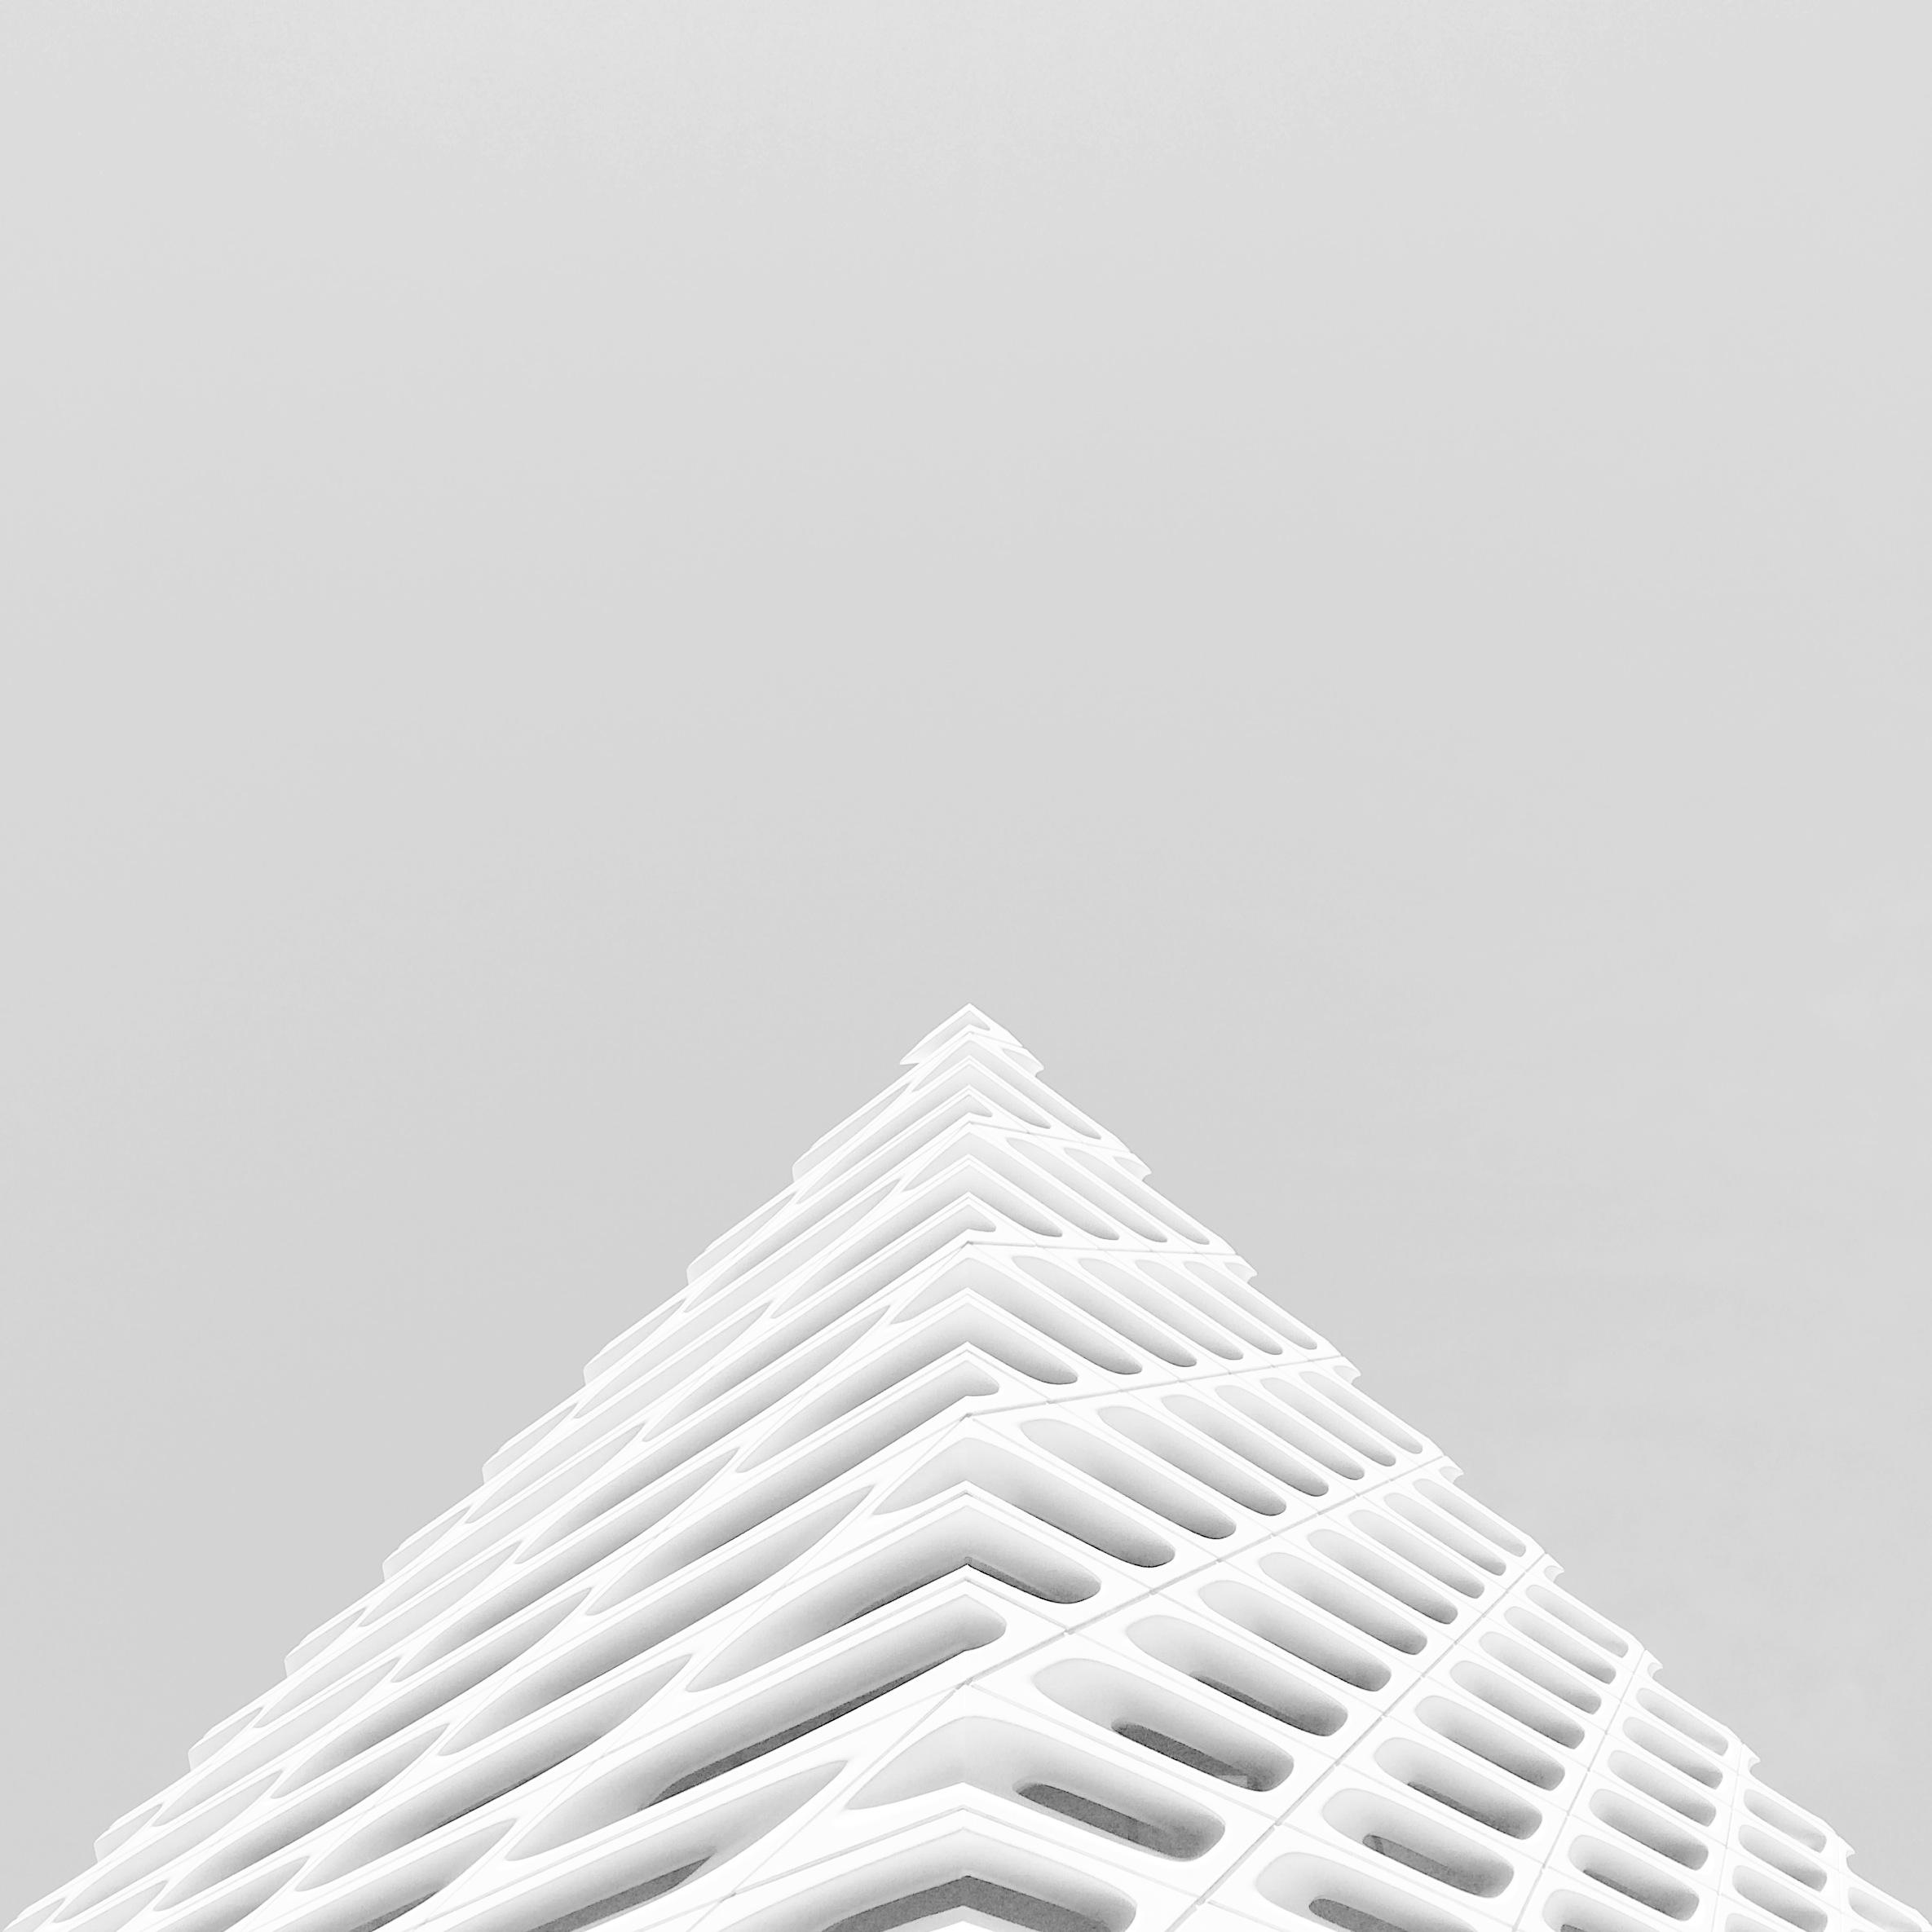 broadpyramid